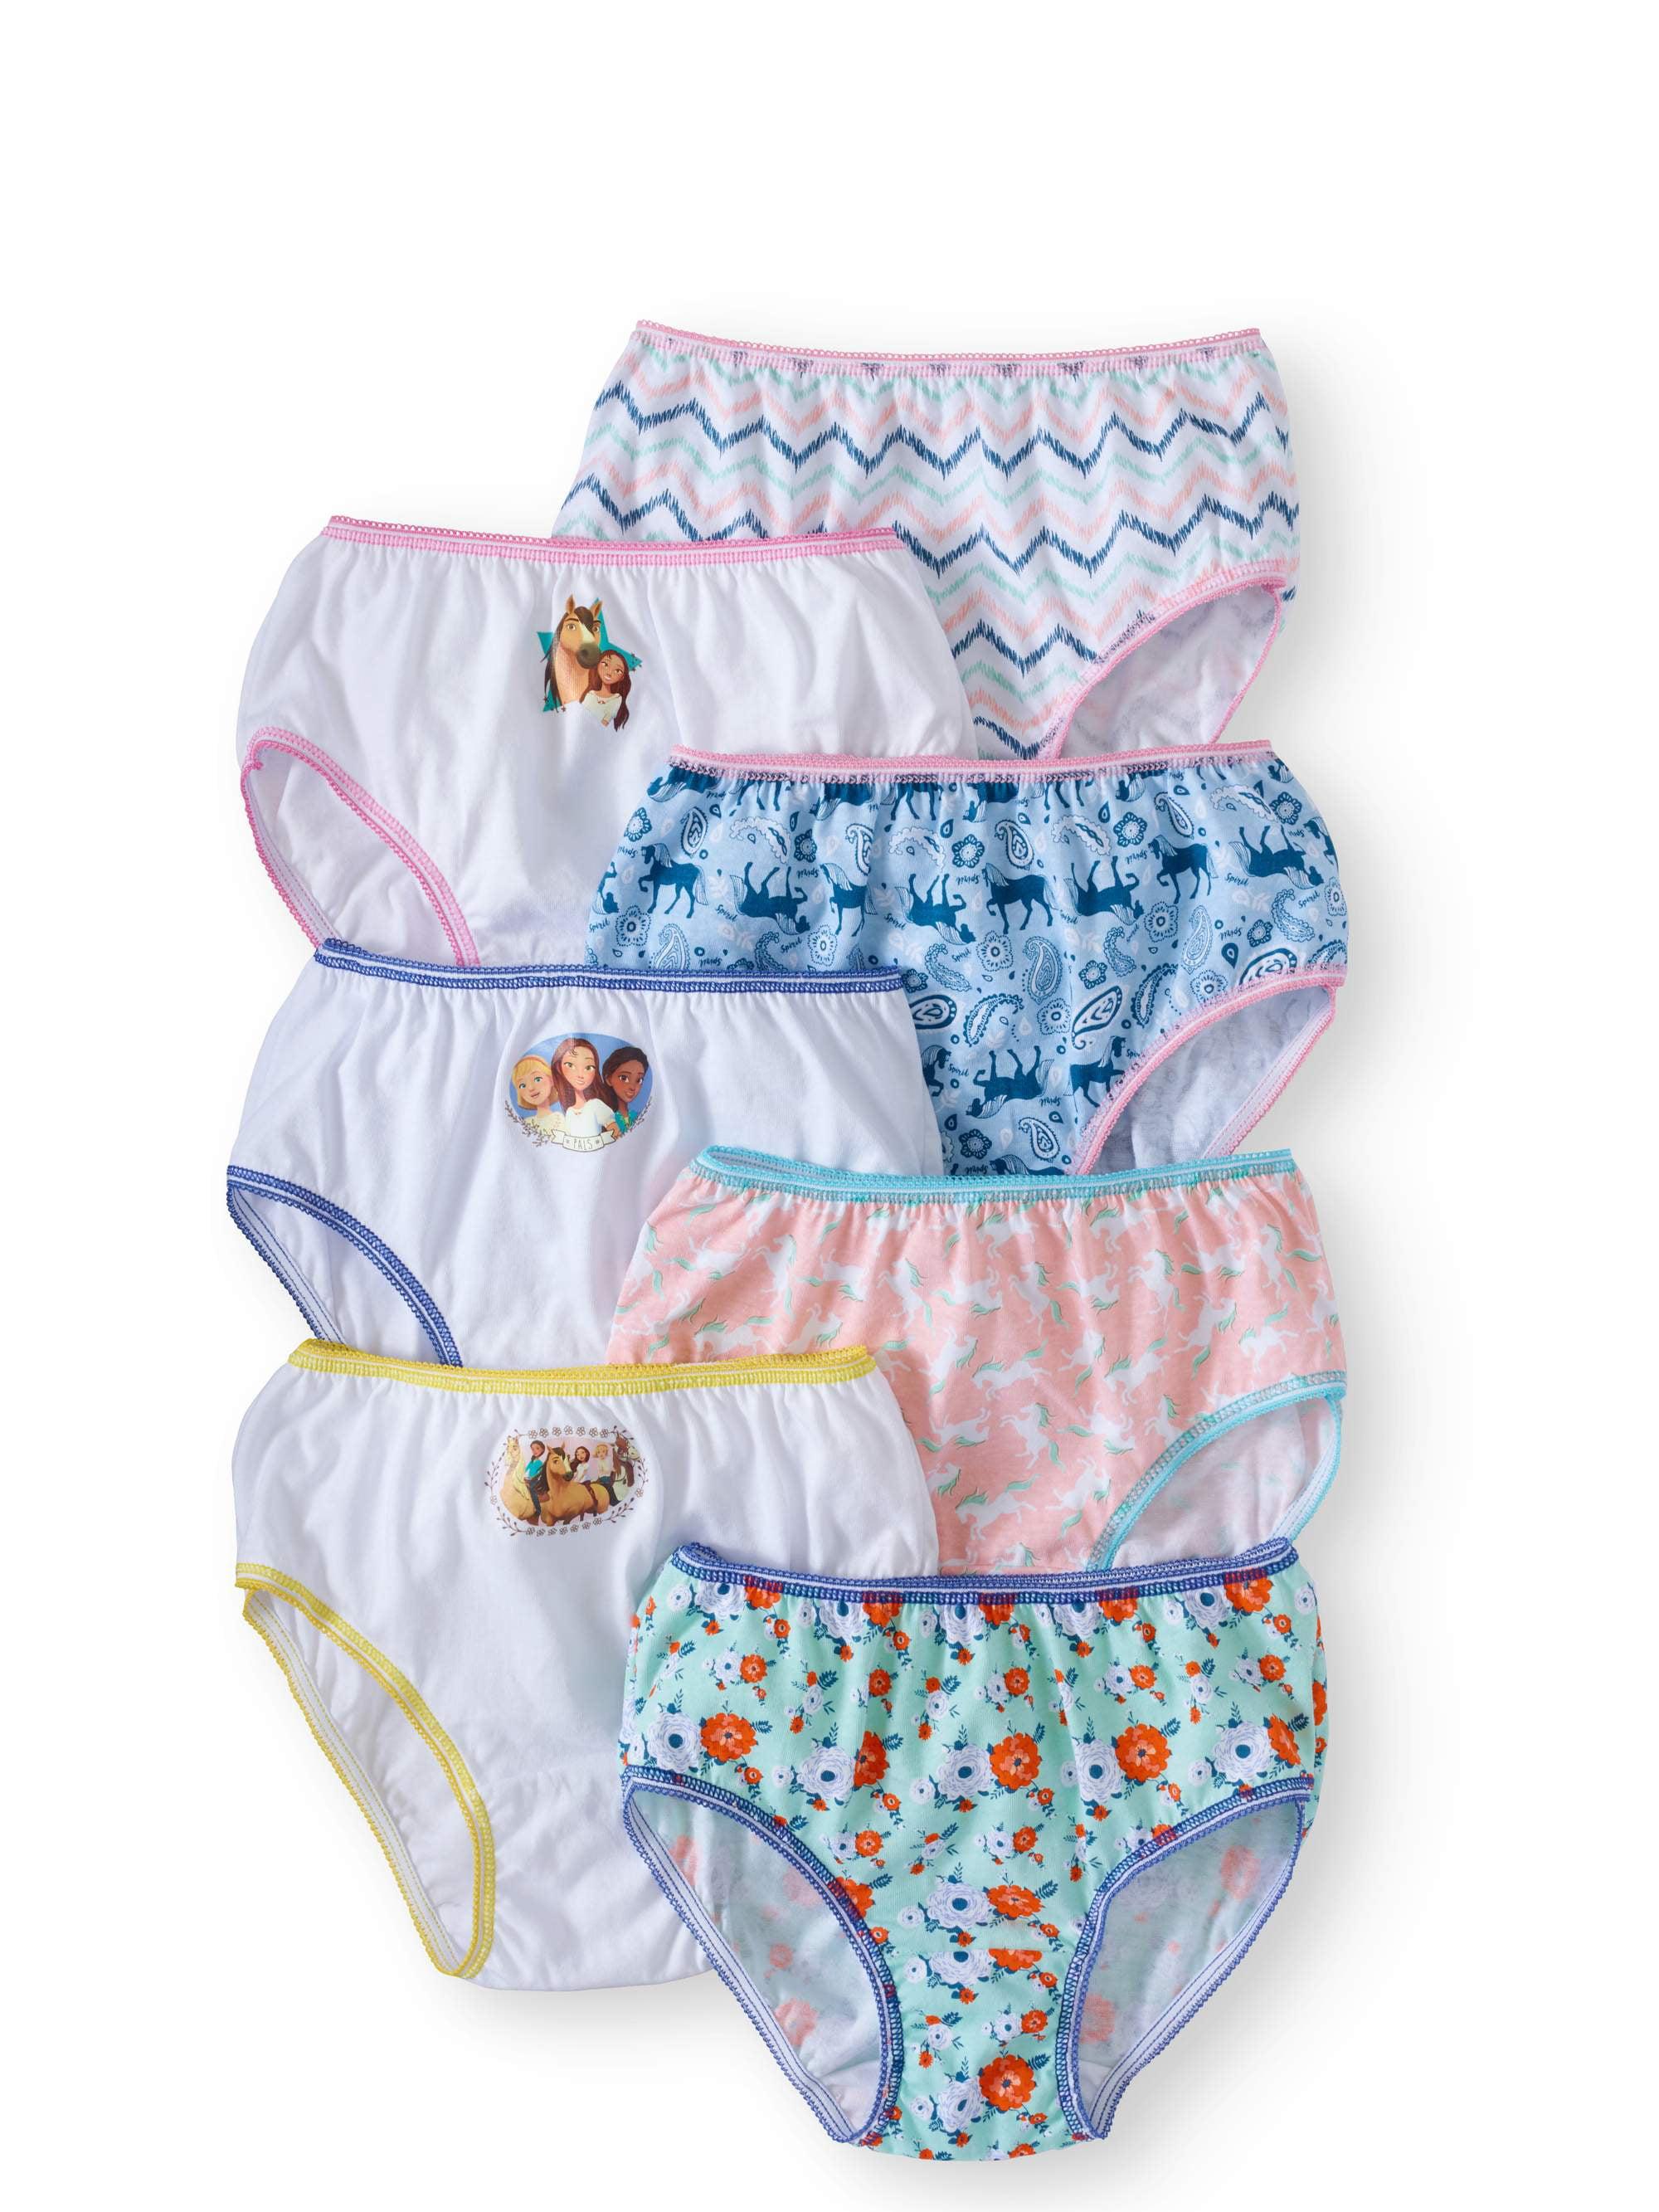 Spirit Riding Free Girls Underwear, 7 Pack